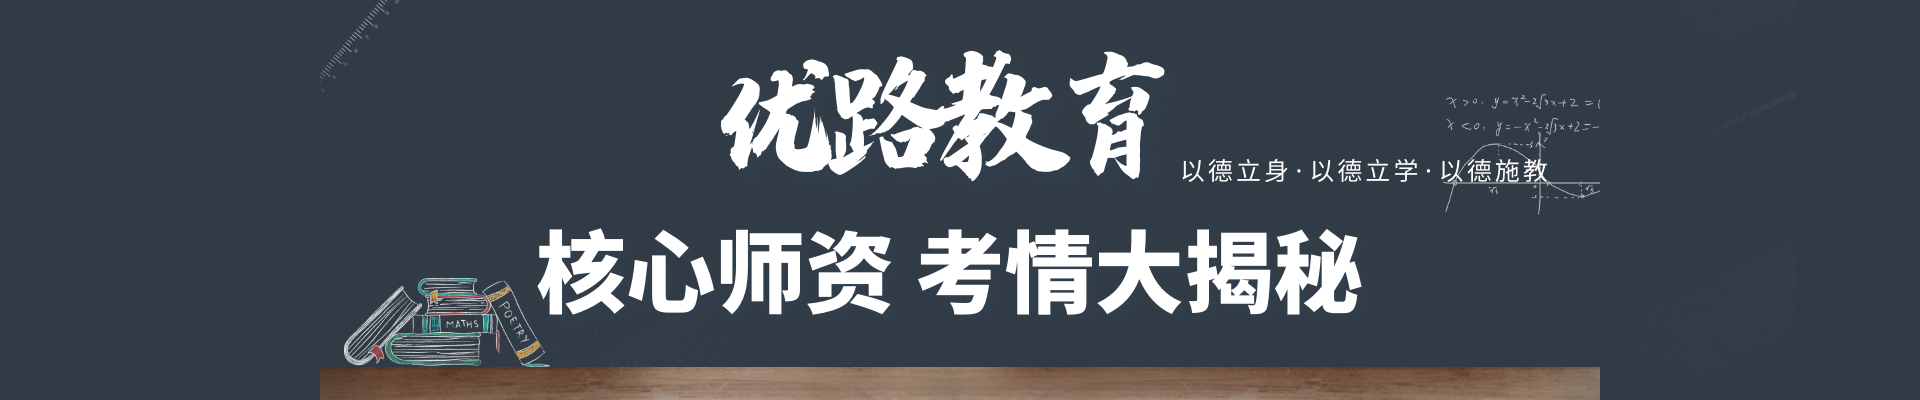 海南三亚优路教育培训学校